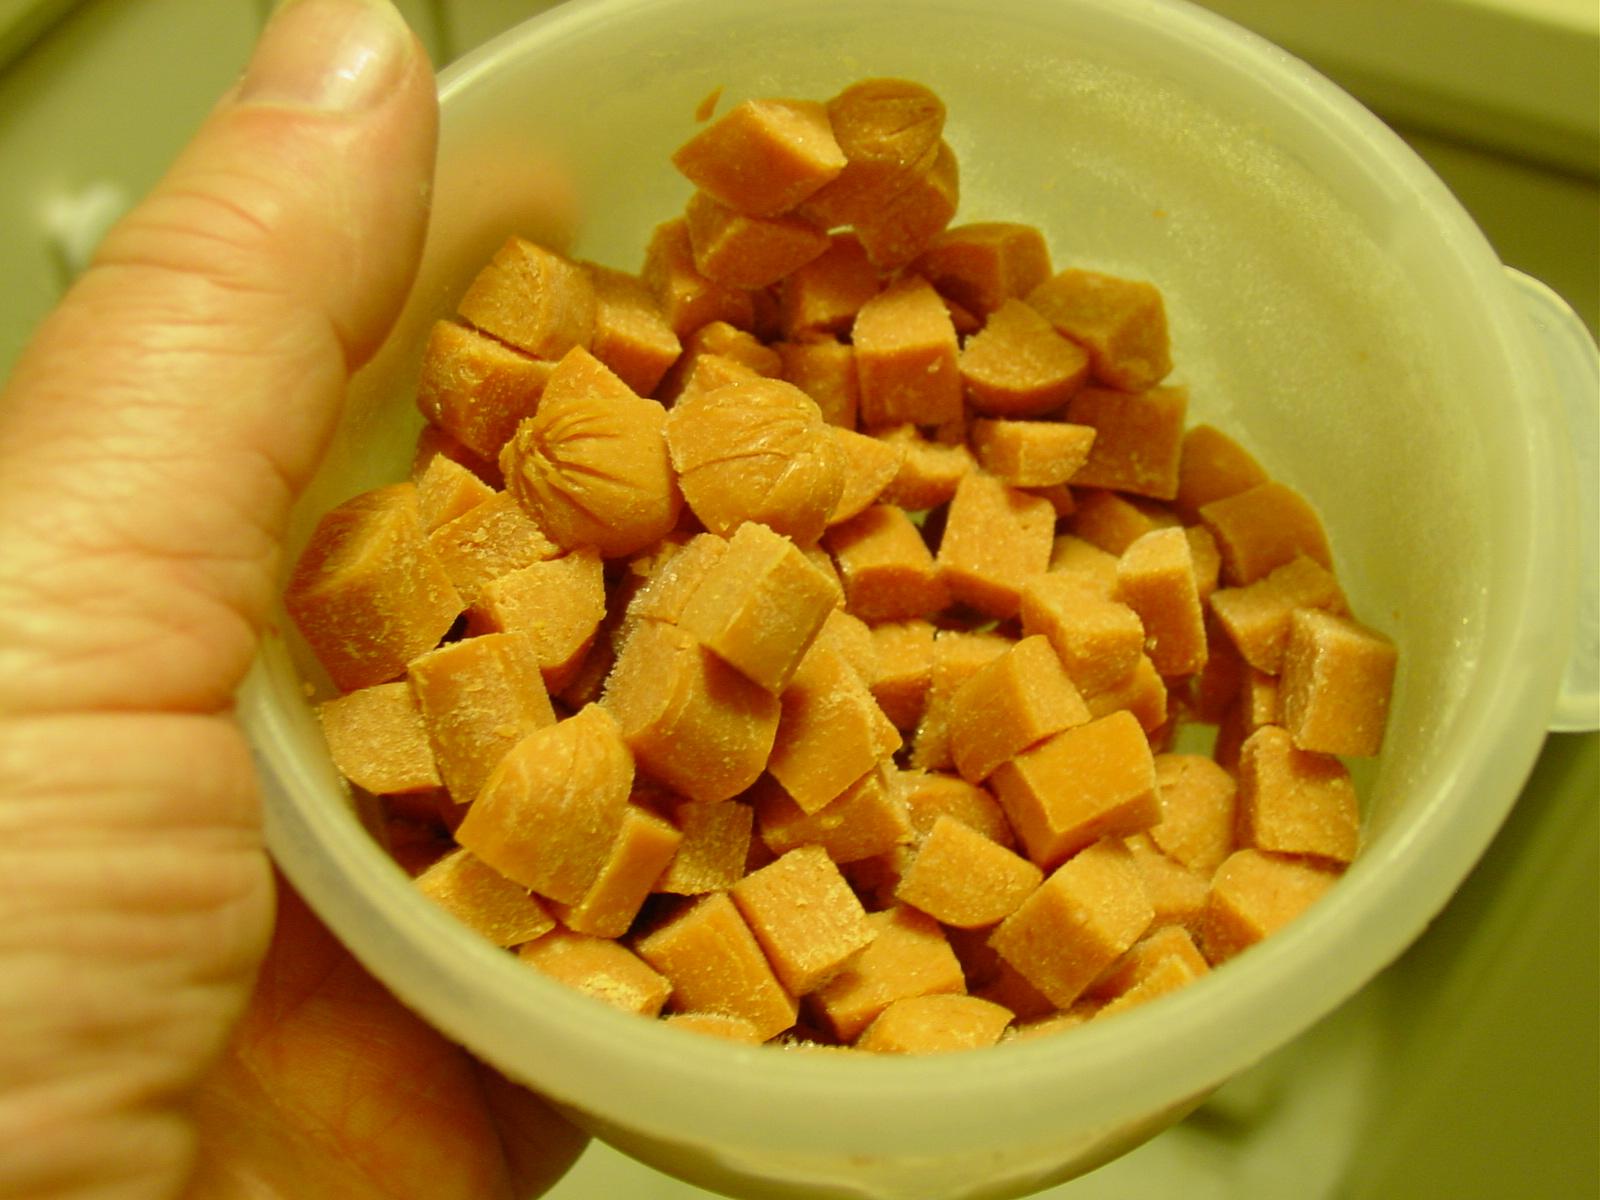 39-7767. Hotdogs cut up into fingernail-size pieces.